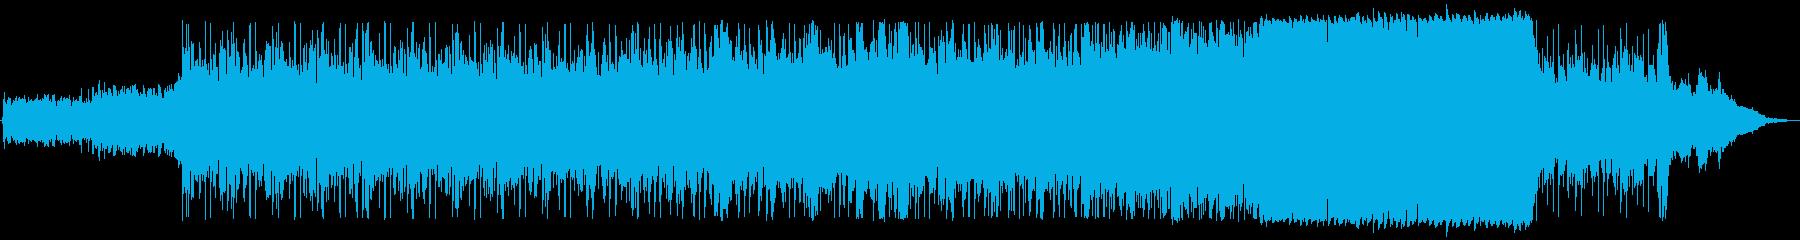 現代的 交響曲 緊張感 エピック ...の再生済みの波形